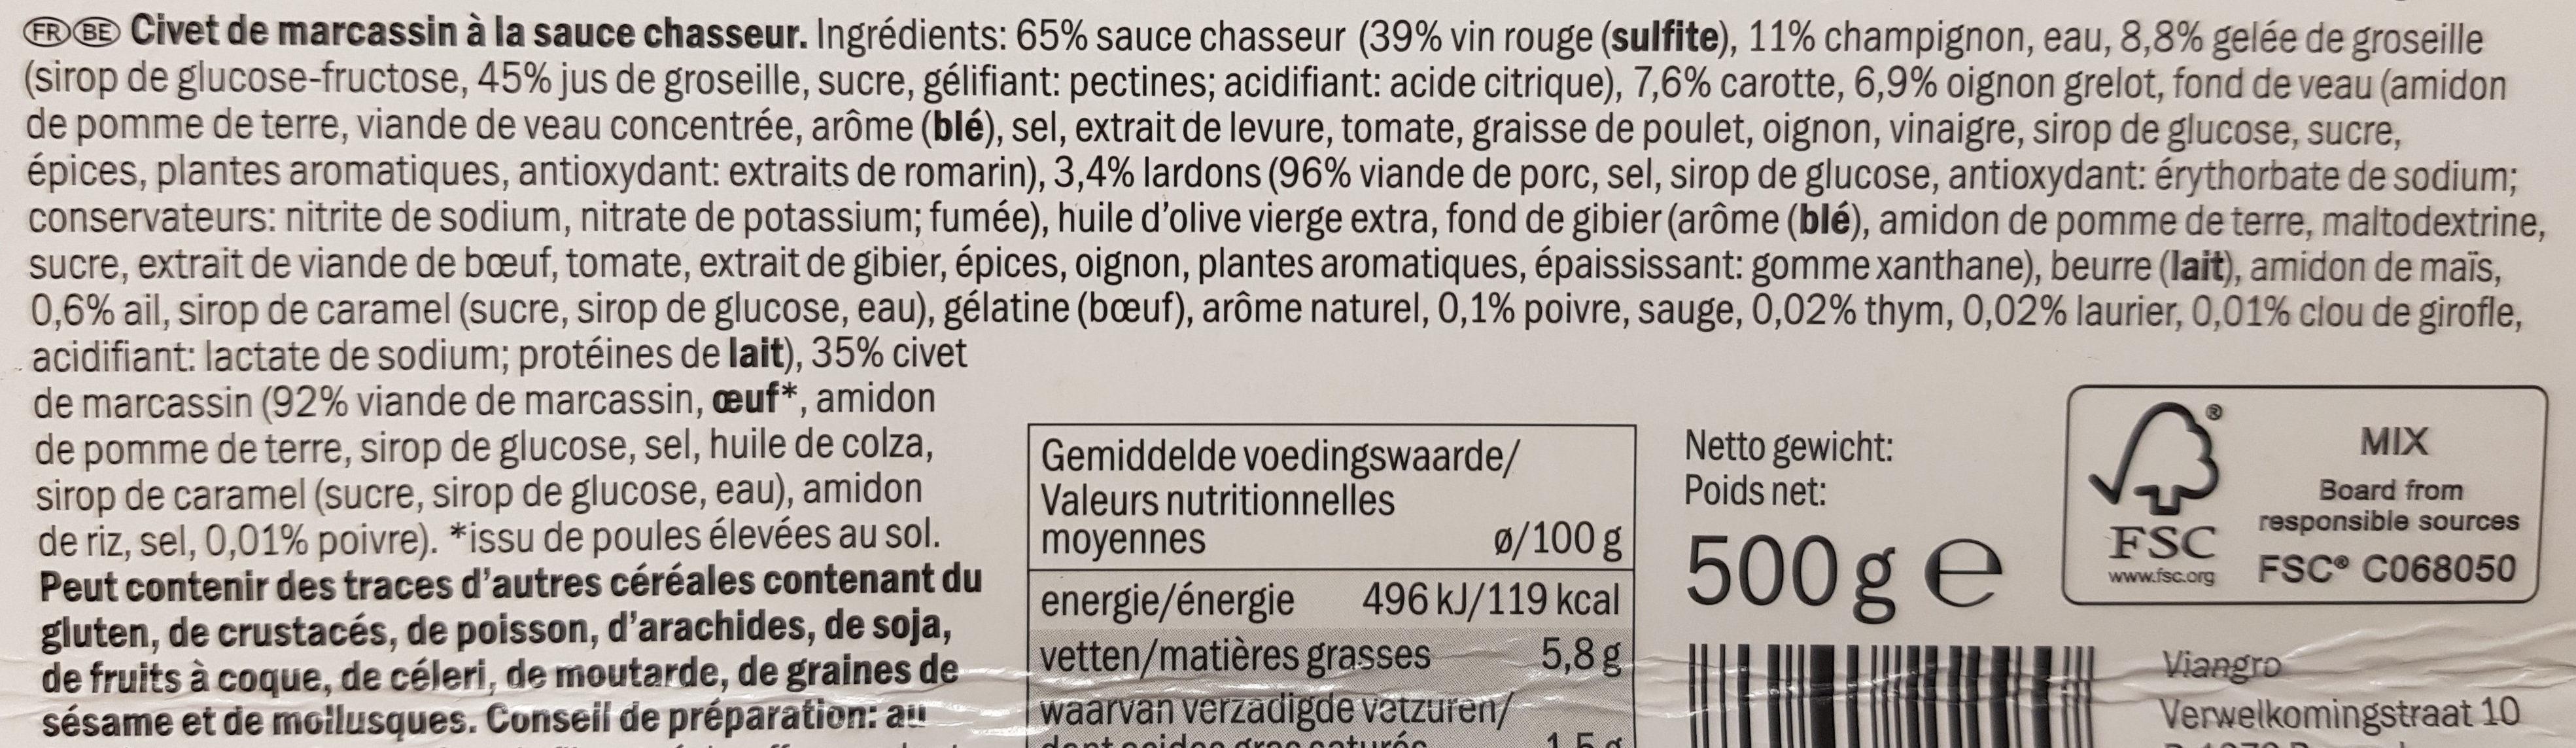 Civet de Marcassin à la sauce chasseur - Ingrediënten